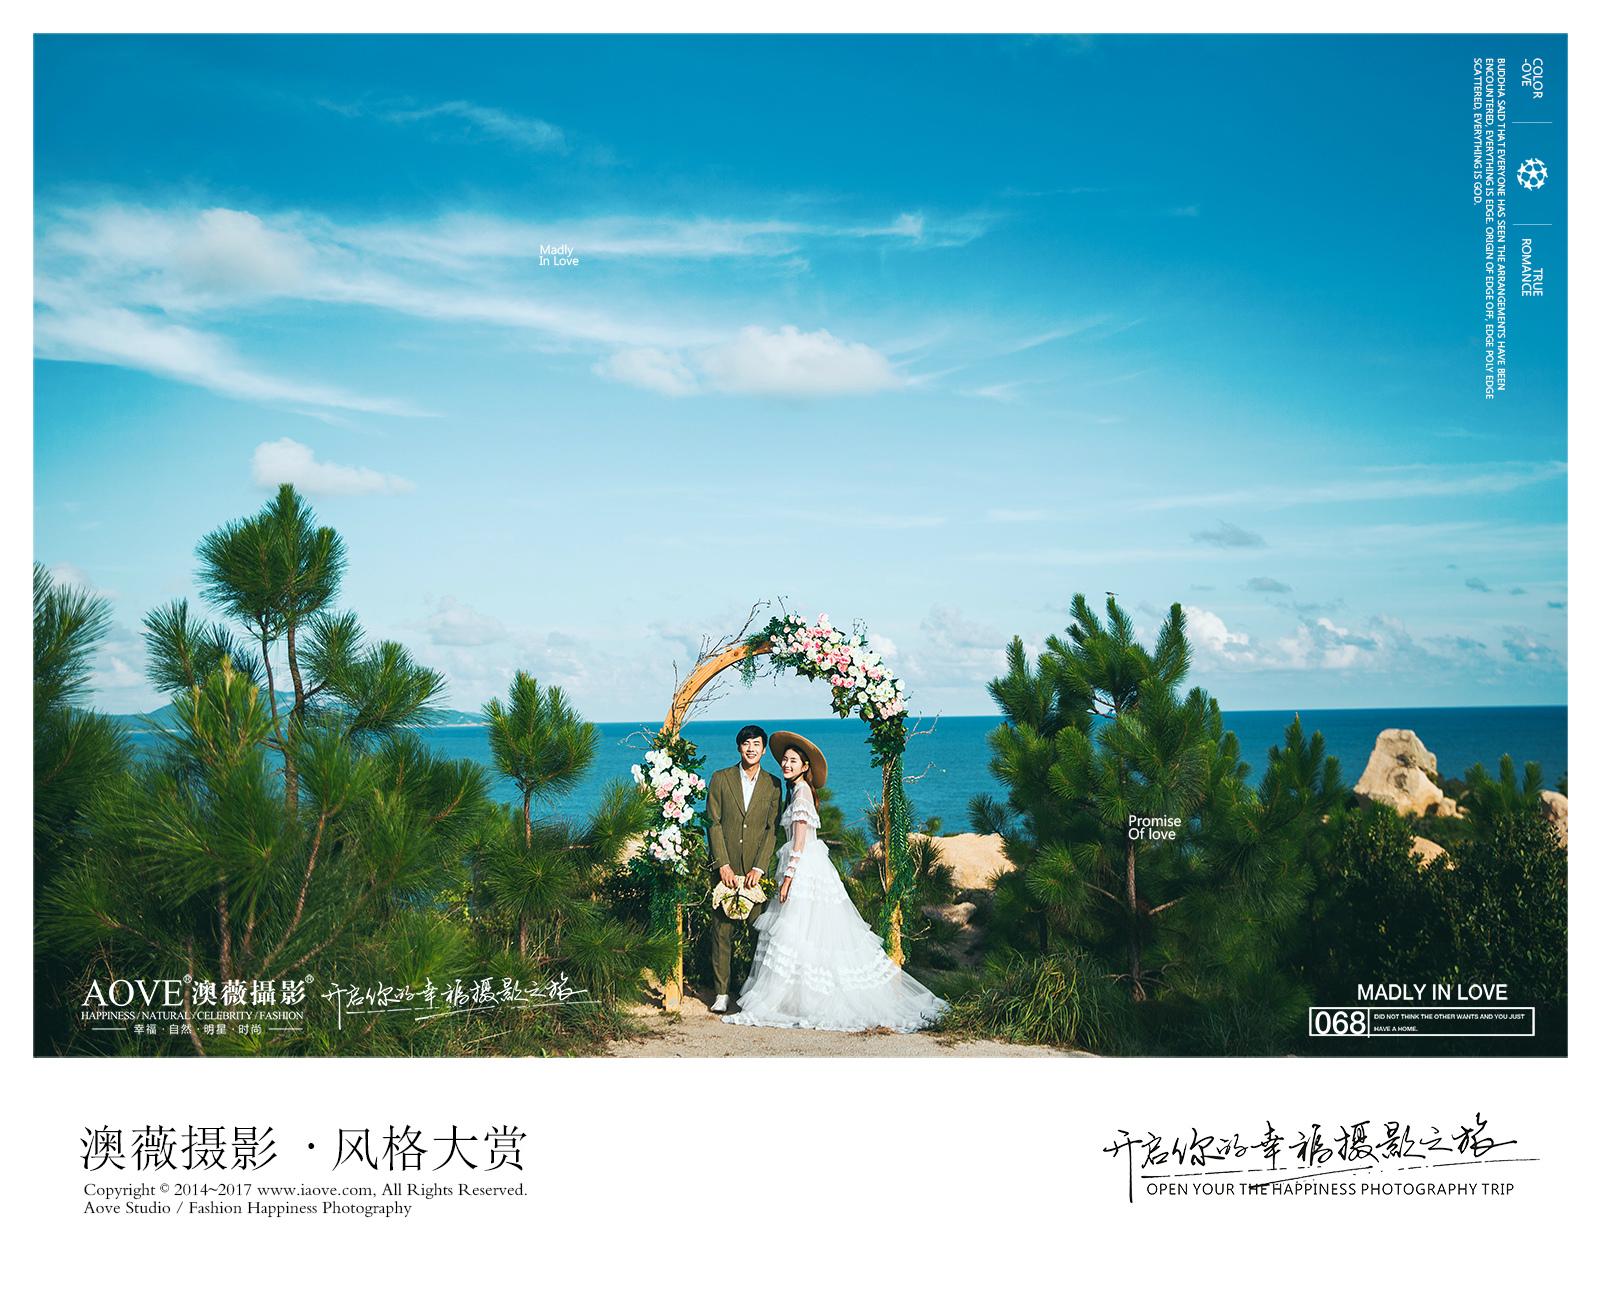 广州澳薇婚纱摄影样片欣赏-那琴半岛地质公园